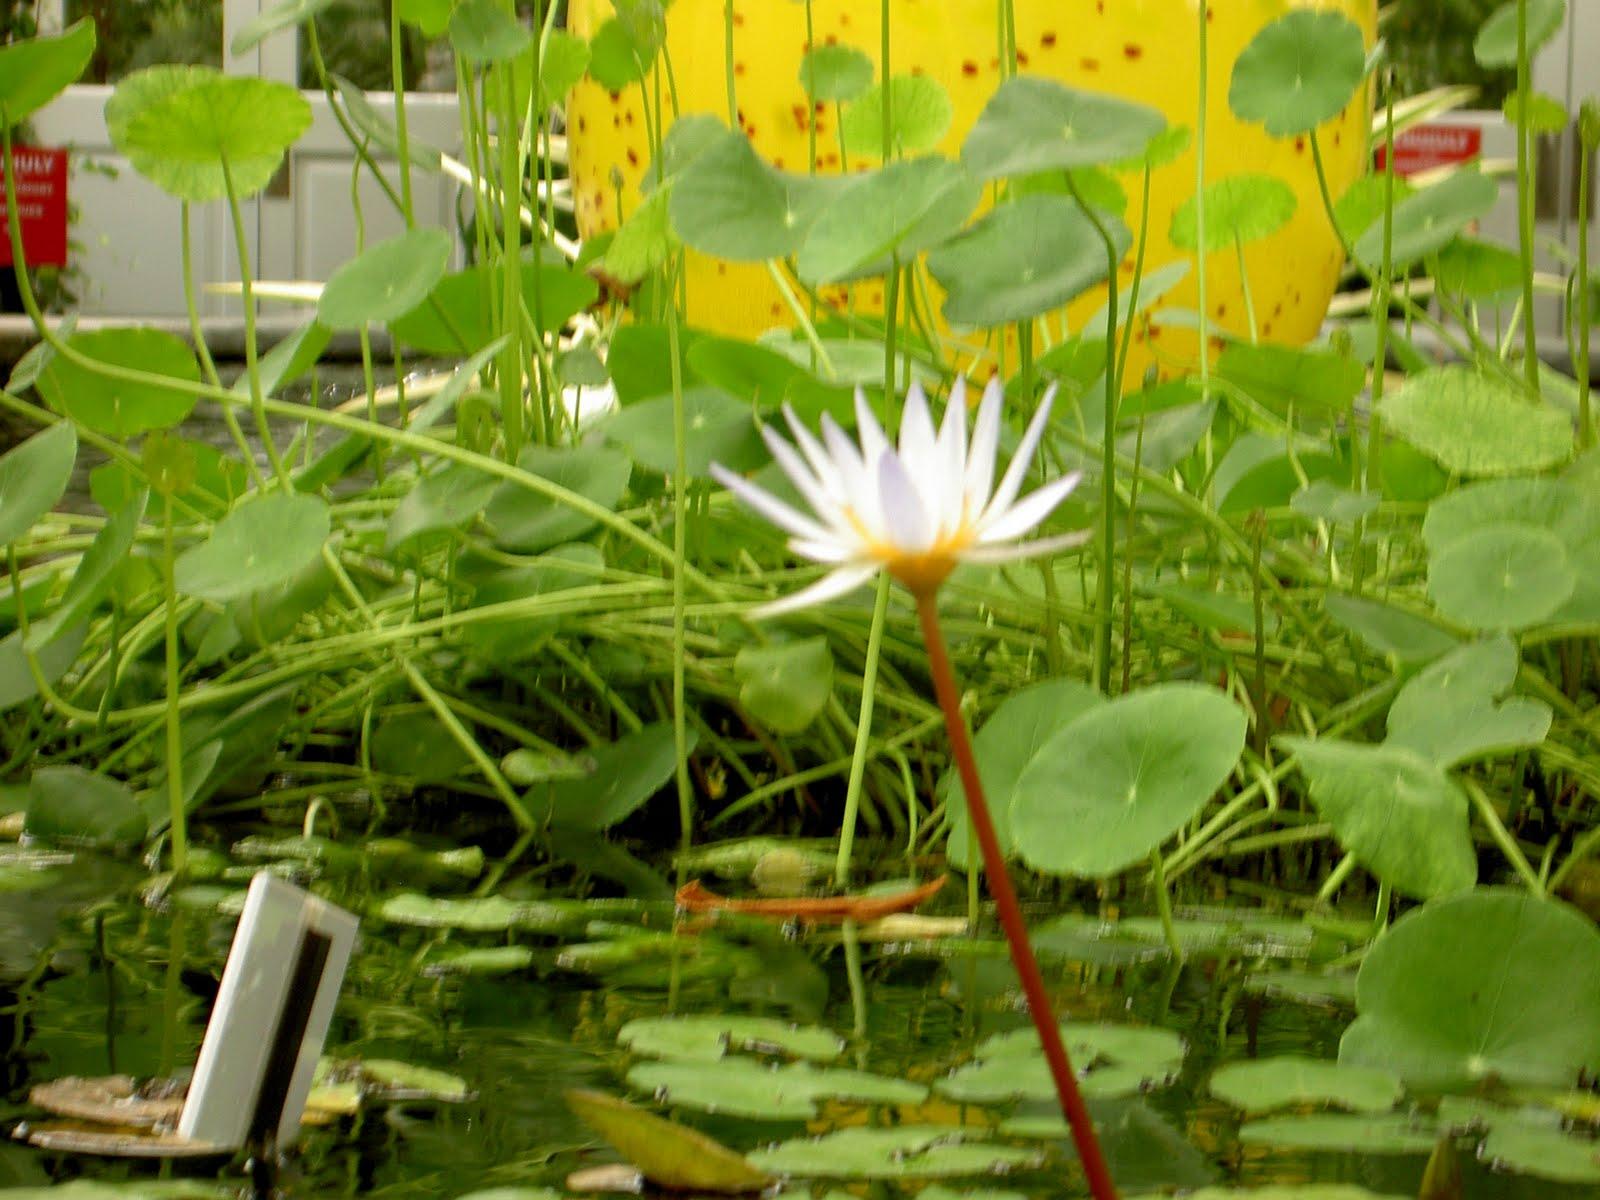 Etsy newyork street team indie artists artisans Bronx botanical garden free admission